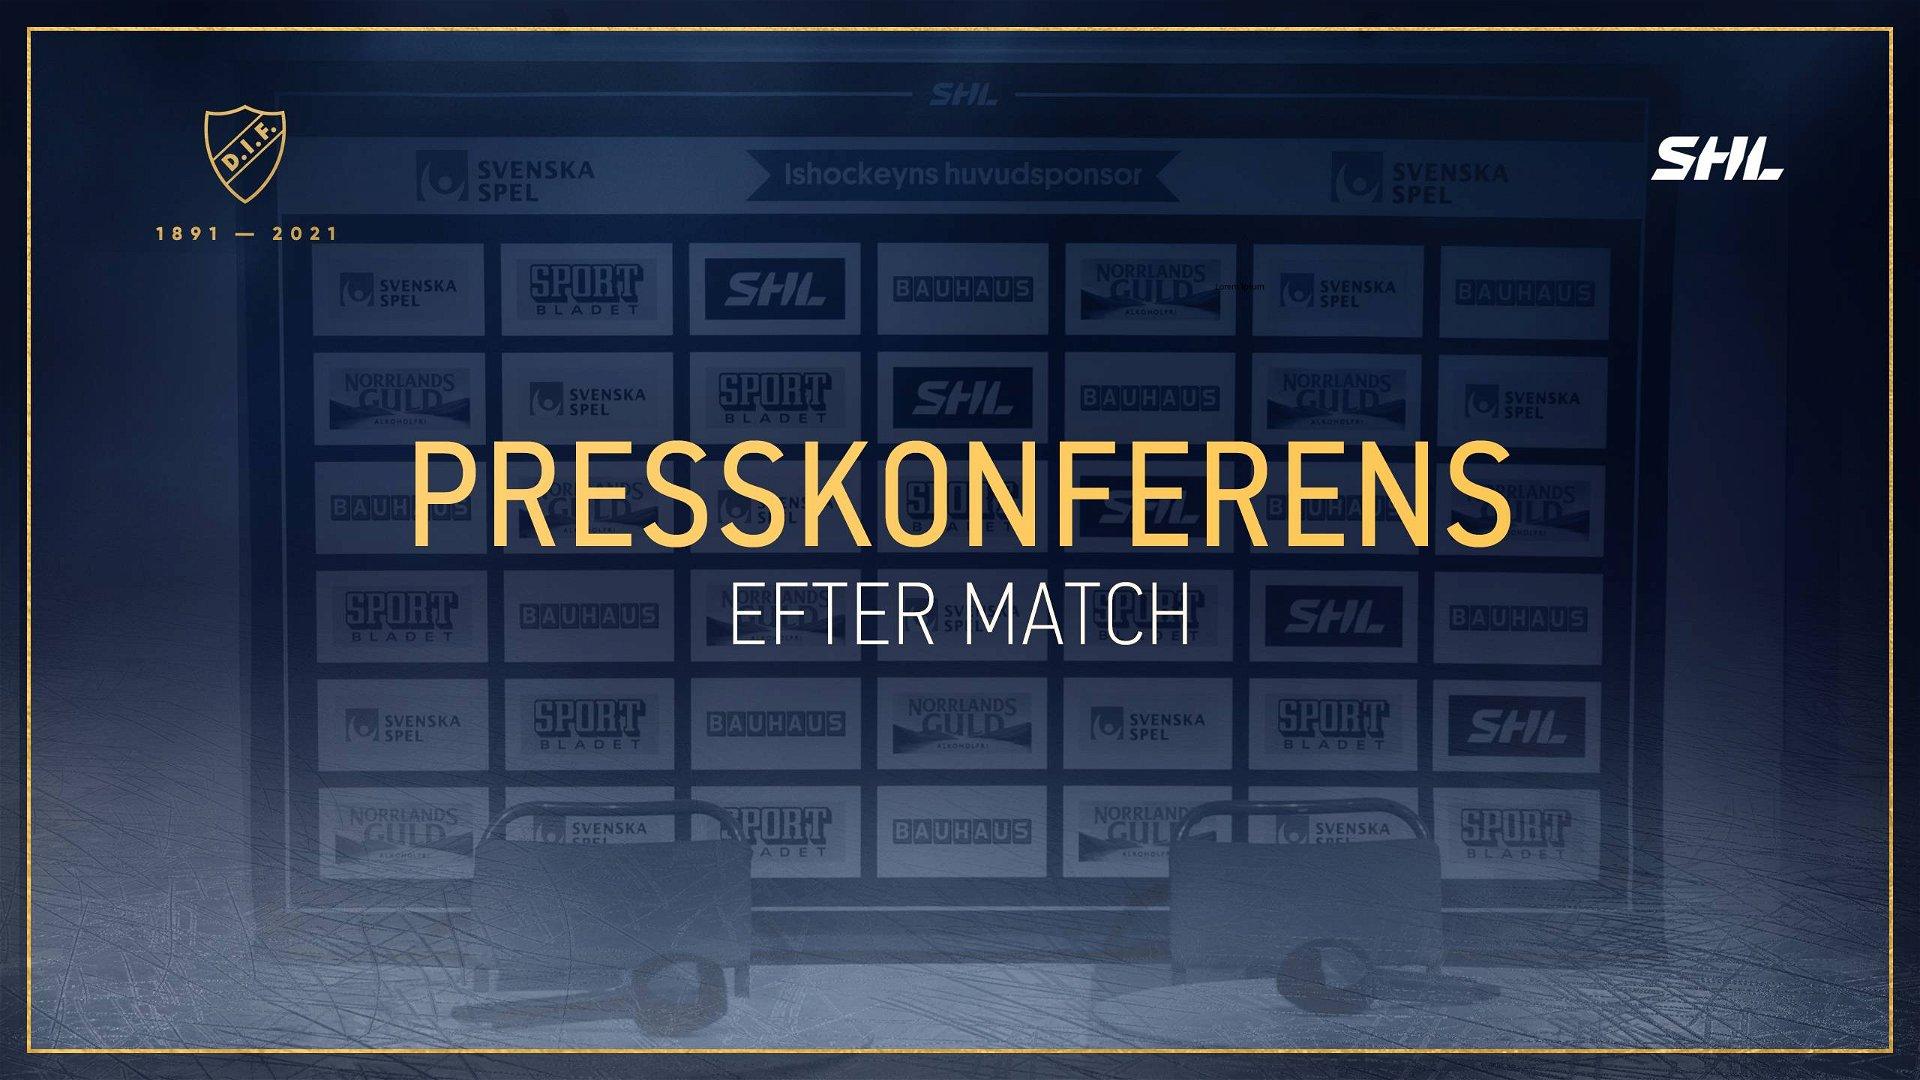 Presskonferens DIF-SKE 210911